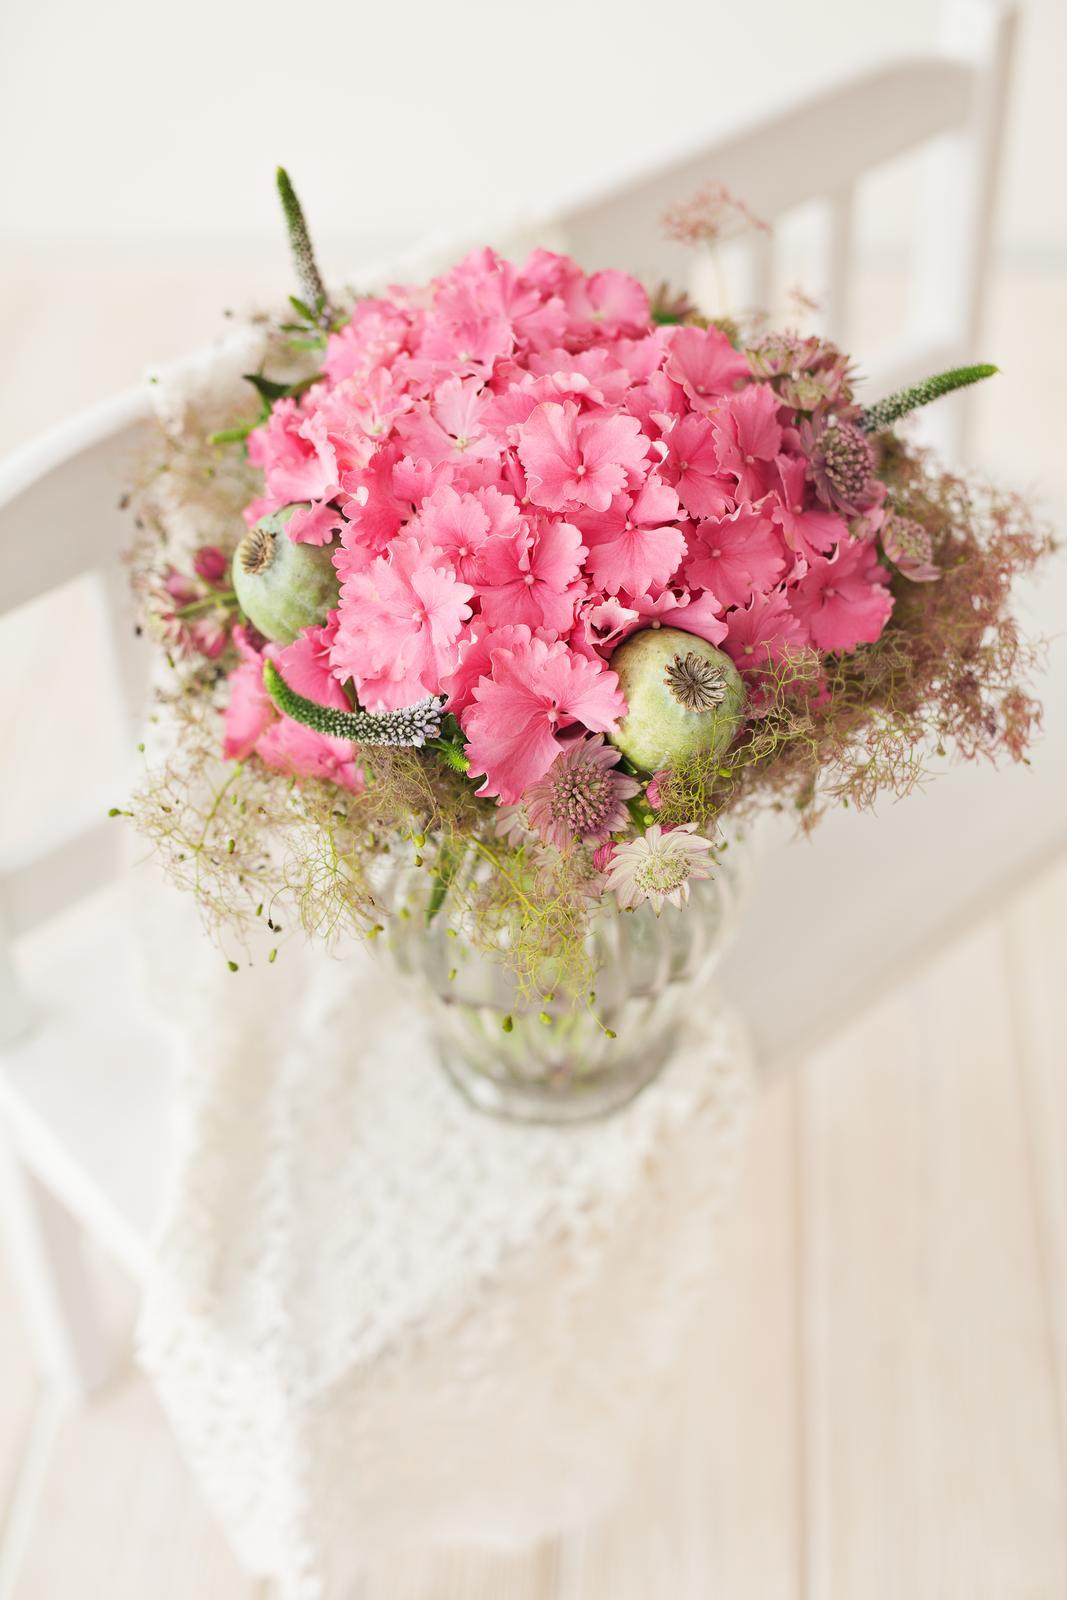 Jarne a letne aranzmany a dekoracie - Som v plnom pracovnom nasadeni, ale pripajam aspon jednu nafotenu kyticu :)